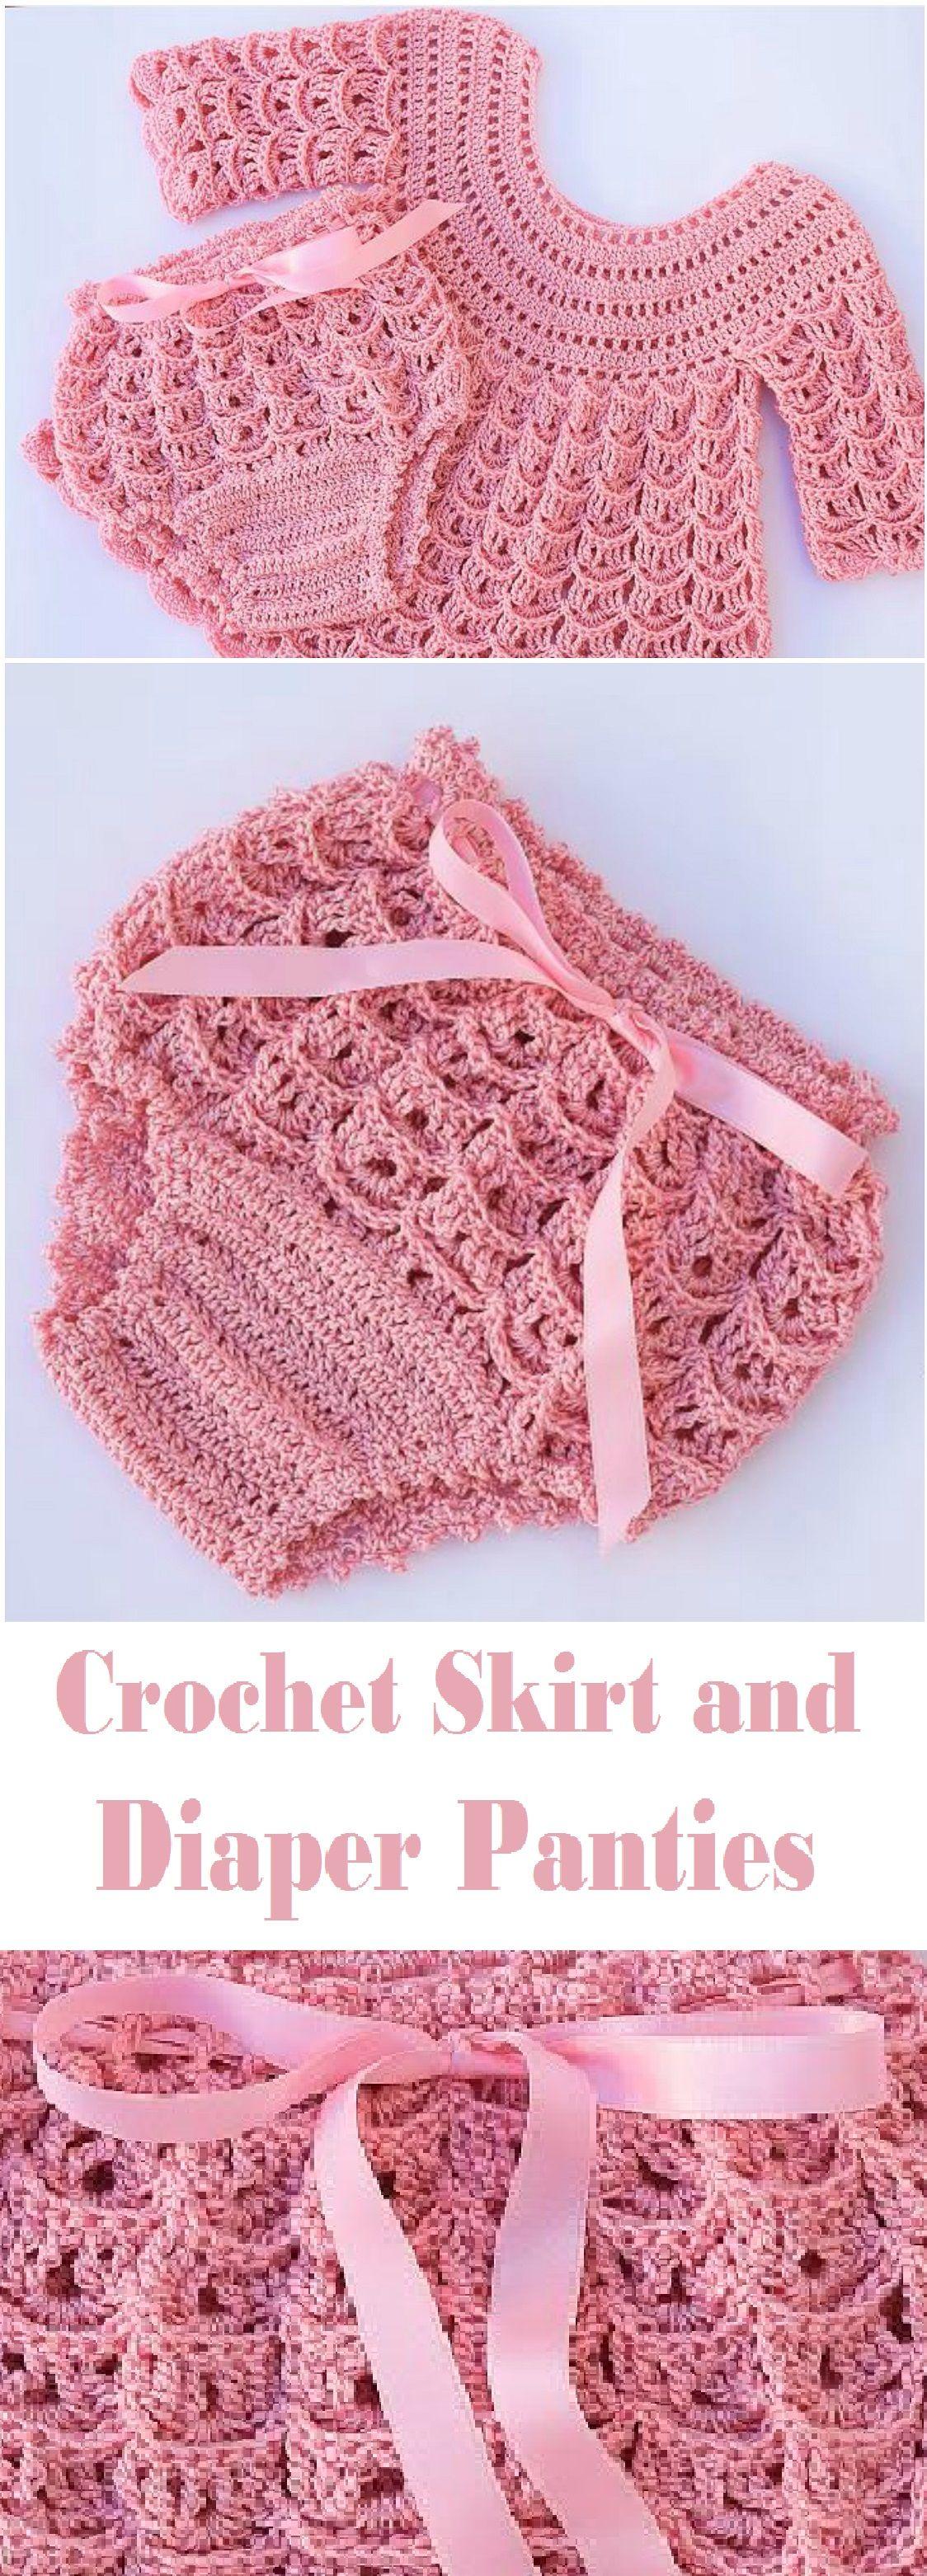 Pin von María Vigil auf Crochet | Pinterest | Babys, Kinder häkeln ...